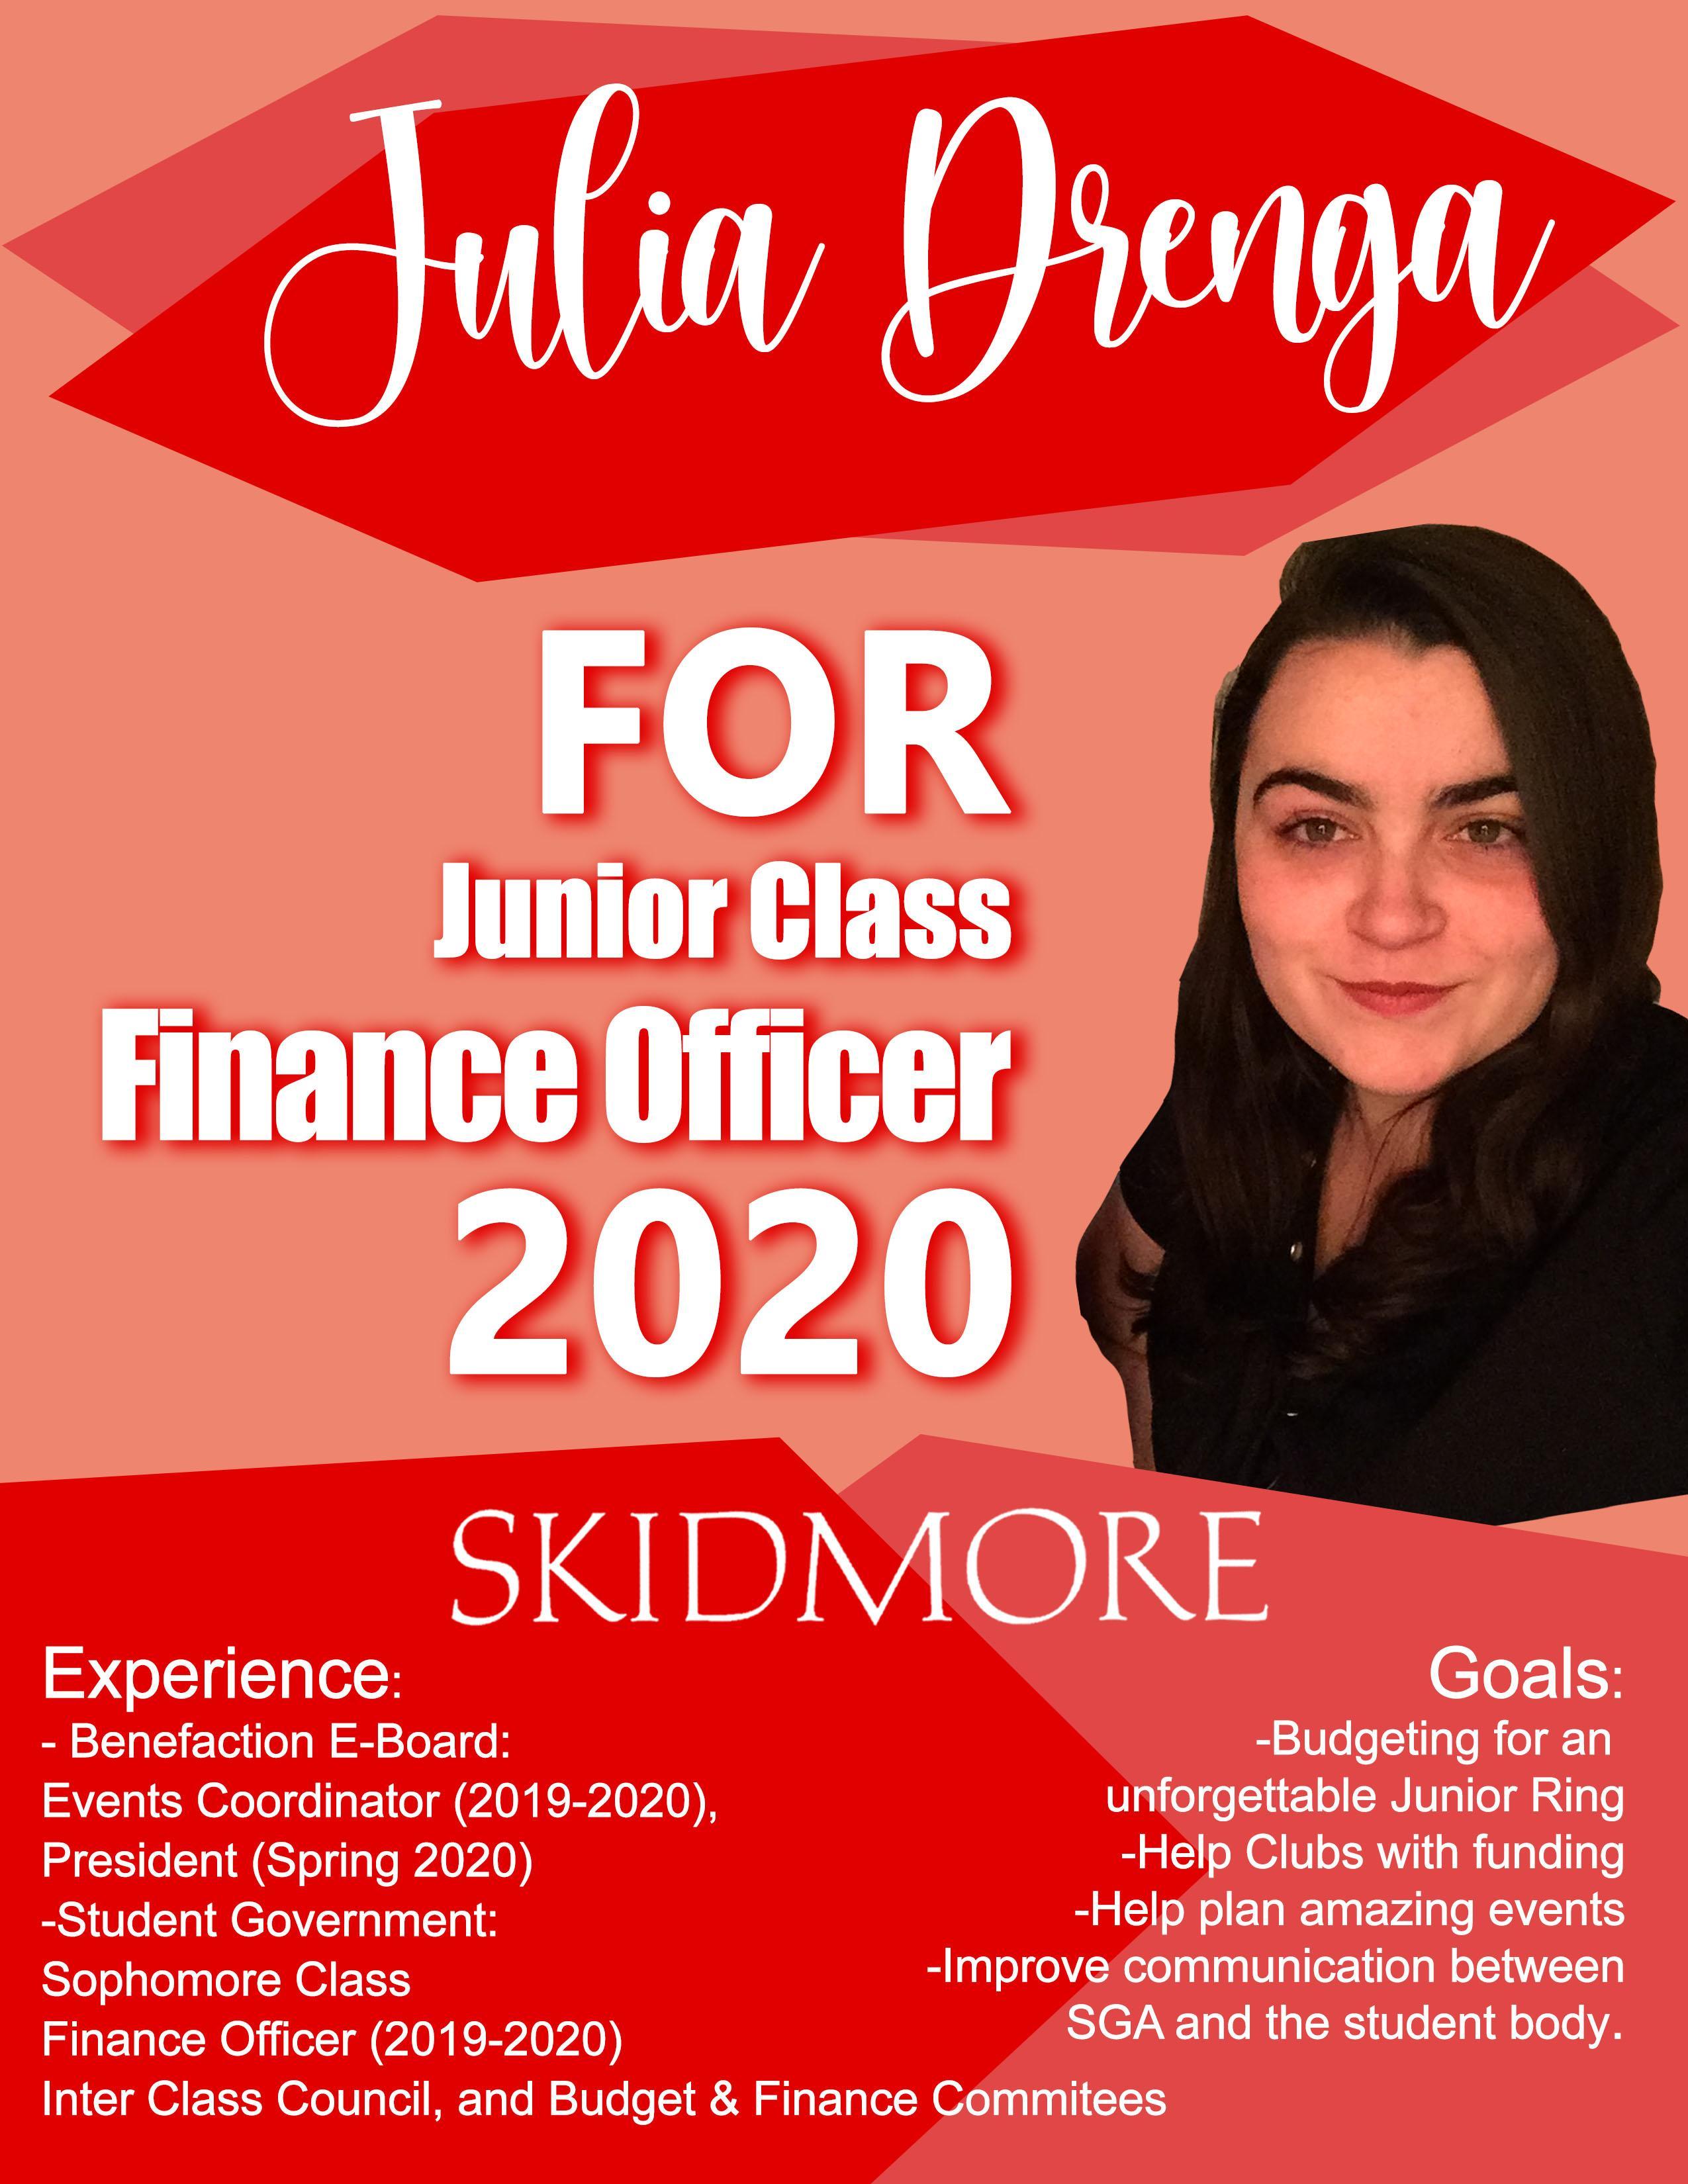 Julia%20Drenga%20for%20Junior%20Class%20Finance%20Officer